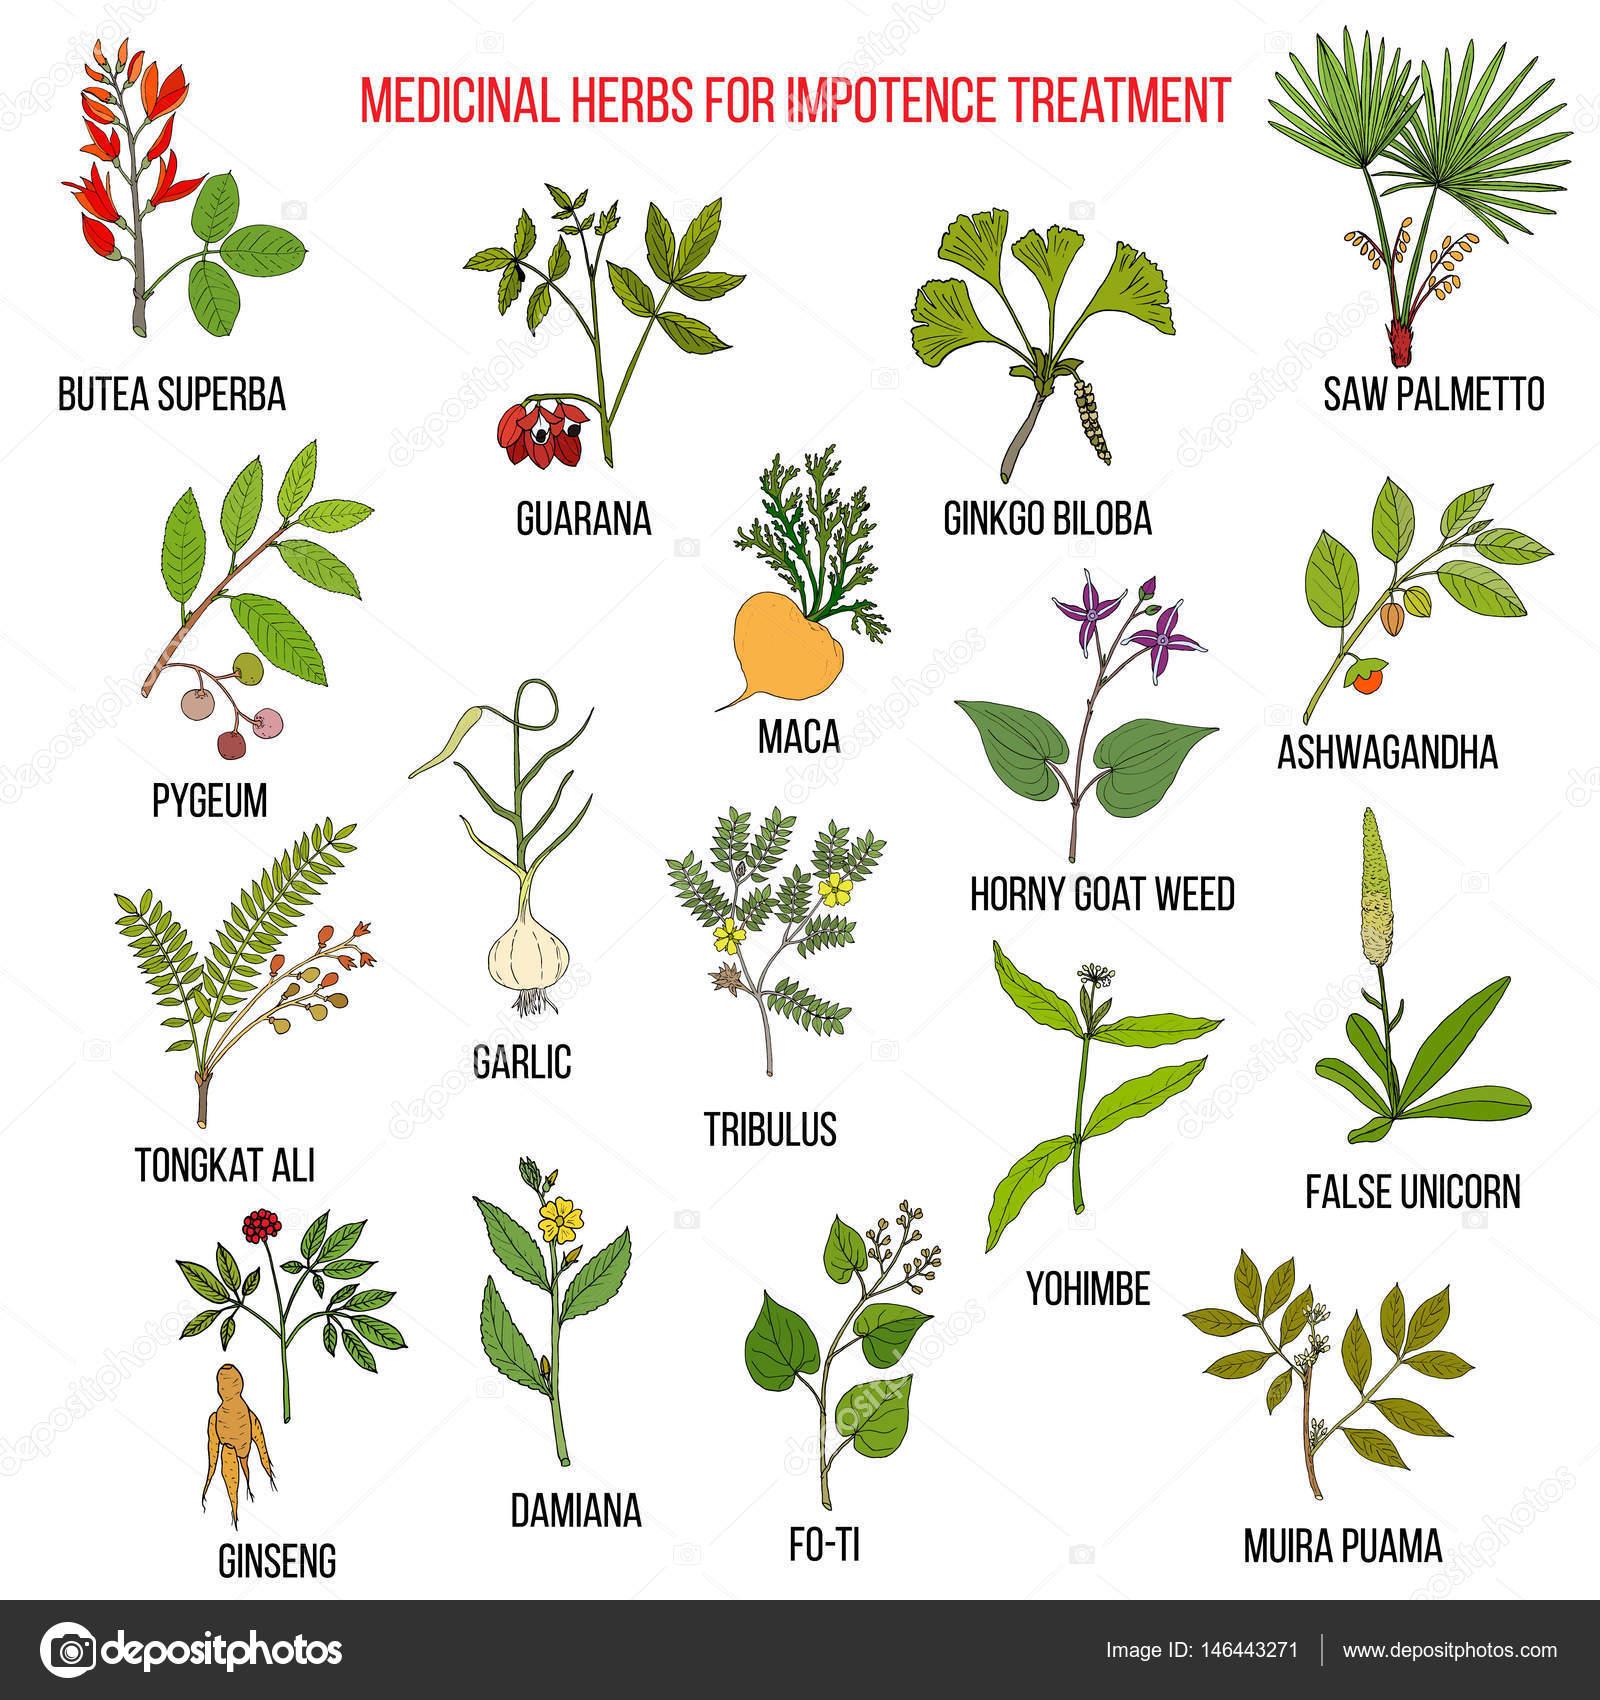 травы в лечении импотенции